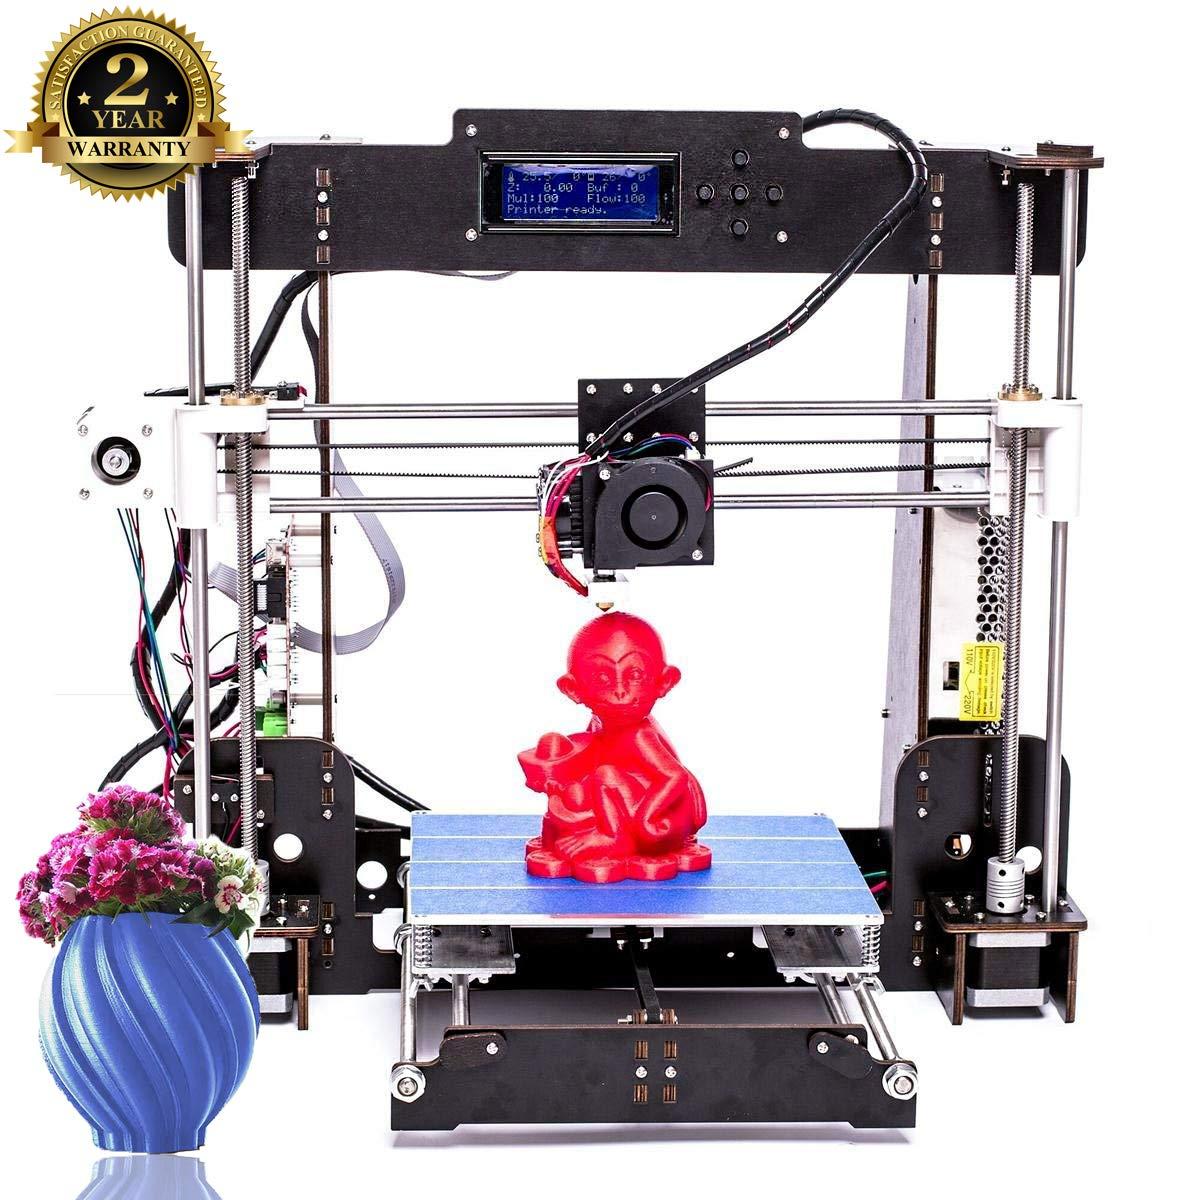 Imprimante 3D, ColorFish A8 Prusa i3 MK8 Extruder Kit De Mise à Niveau De l'imprimante 3D, Filament d'imprimante ABS/PLA 1.75 mm (Dimension Structurelle 220 × 220 × 240 mm) CTC